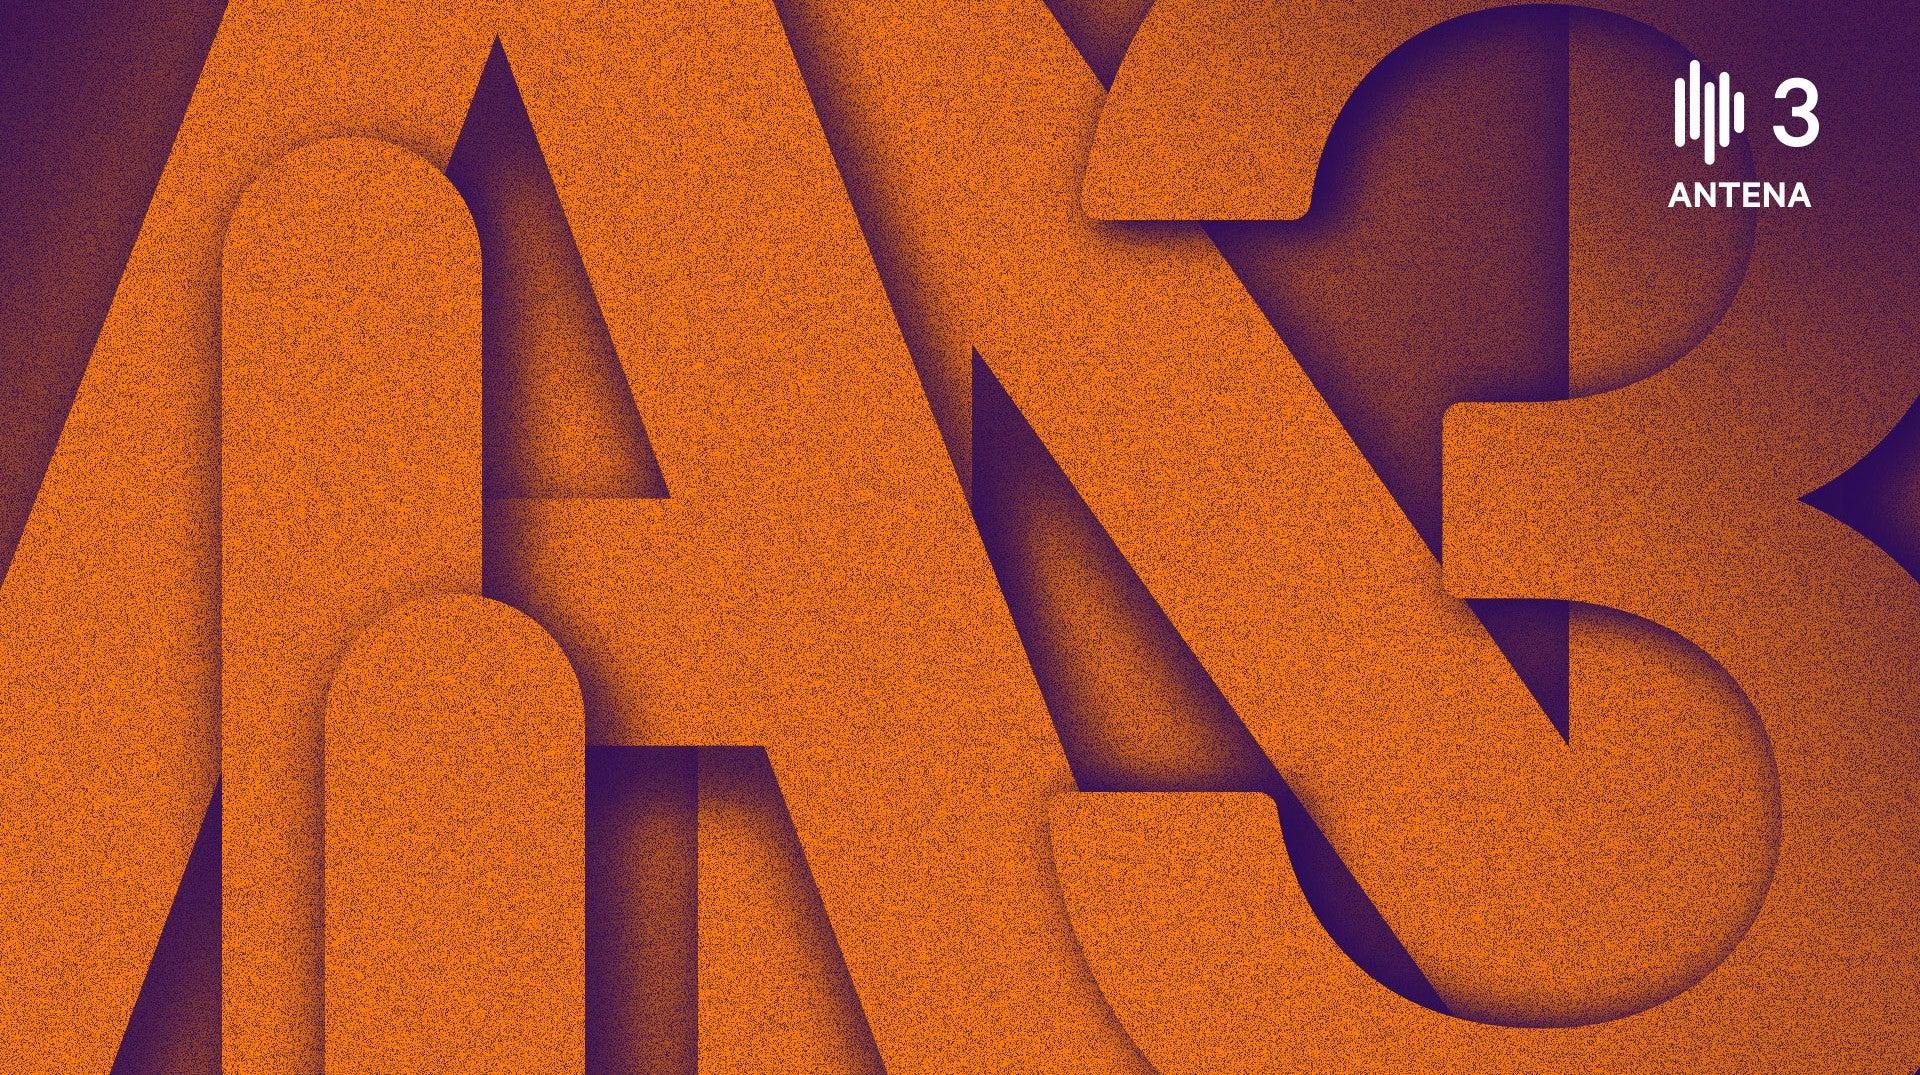 Madrugada A3